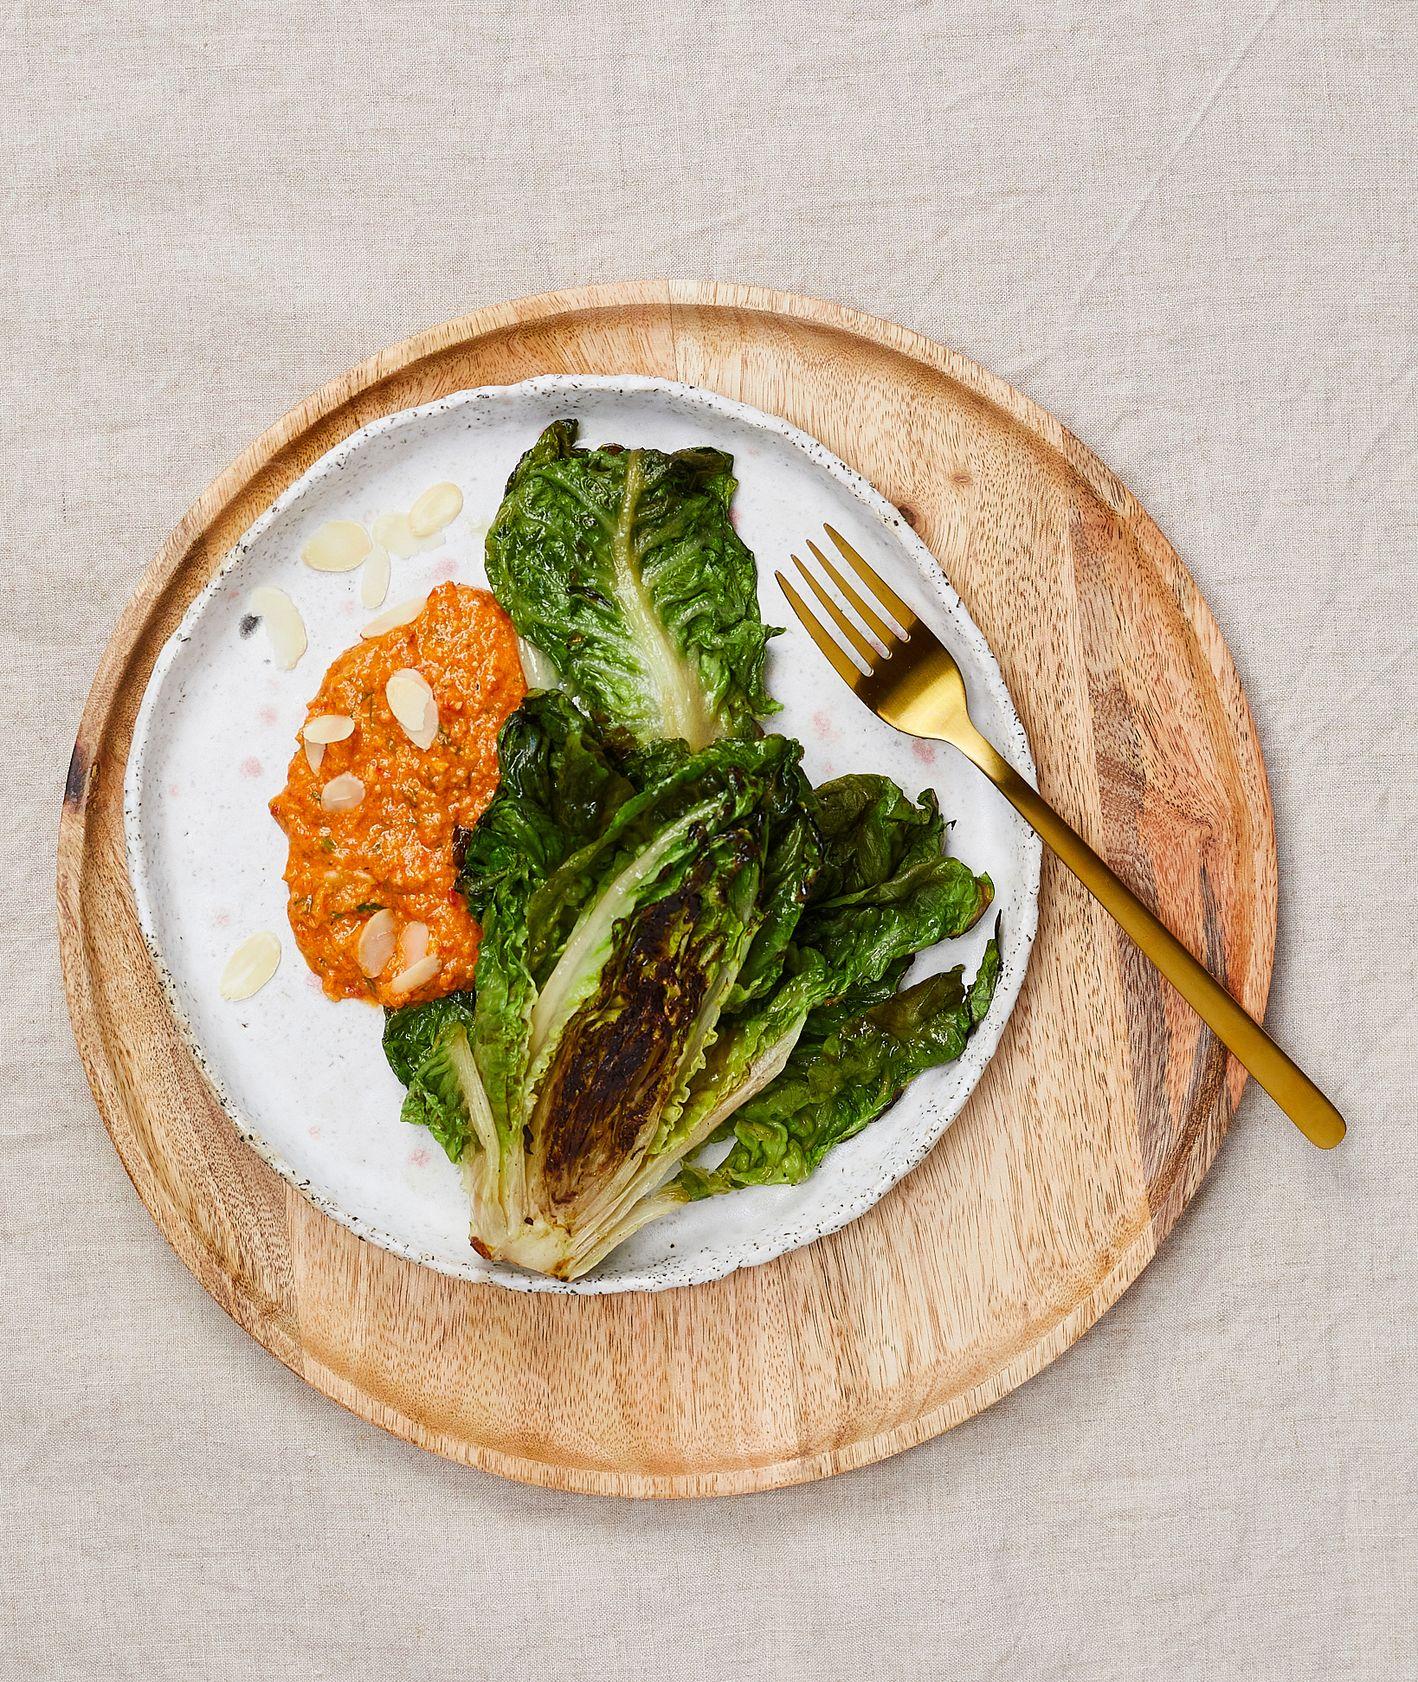 Przepis na grillowaną sałatę z sosem romesco. Jak zrobić sos romesco (fot. Maciek Niemojewski)